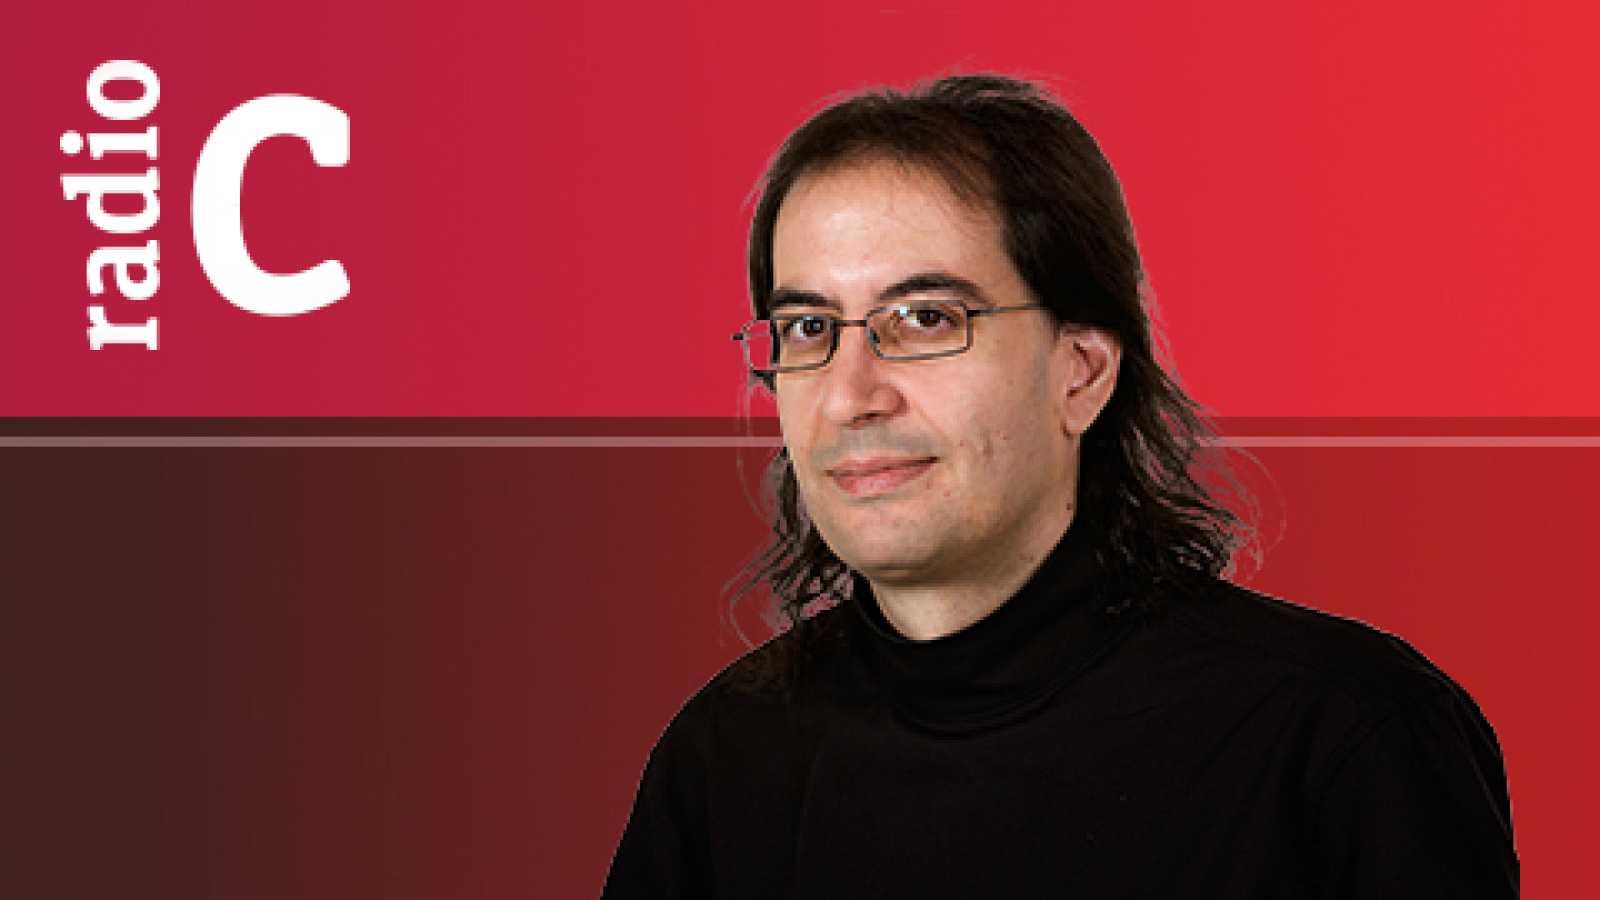 Ars sonora - Derecho y arte sonoro (II), con Javier de la Cueva - 14/03/15 - escuchar ahora